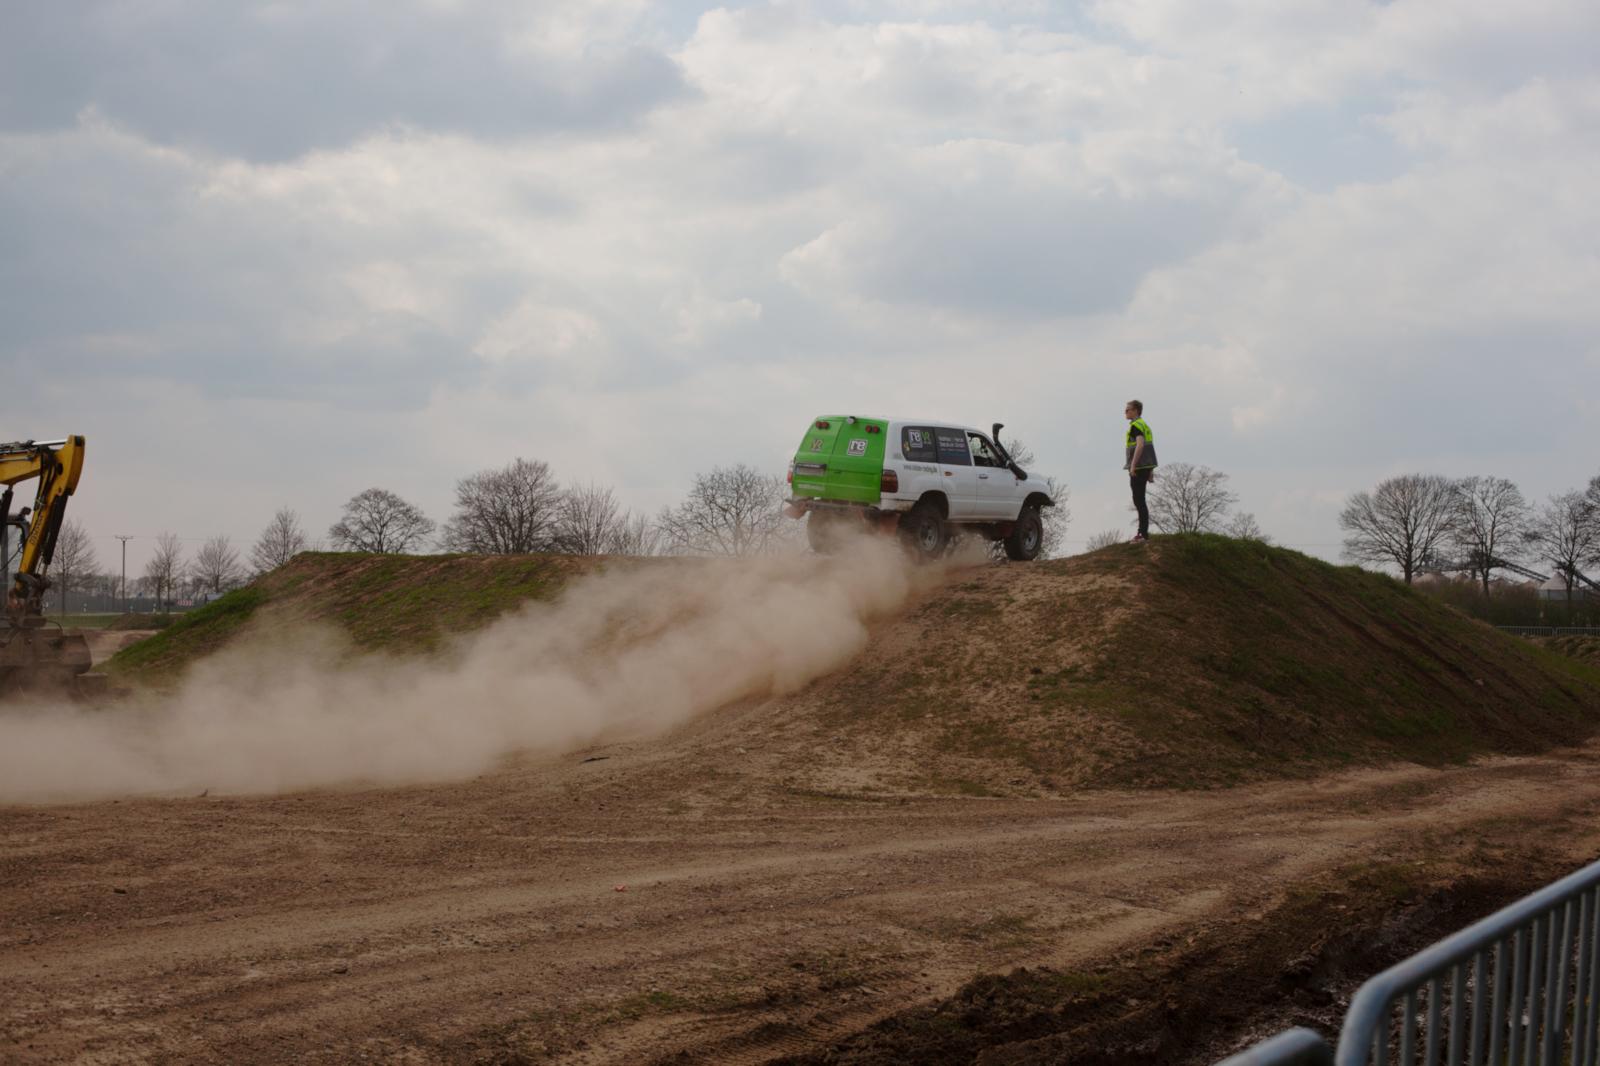 4x4-Rhein-Waal 2019 - Mit dem Rallye-Taxi auf der Action-Arena.